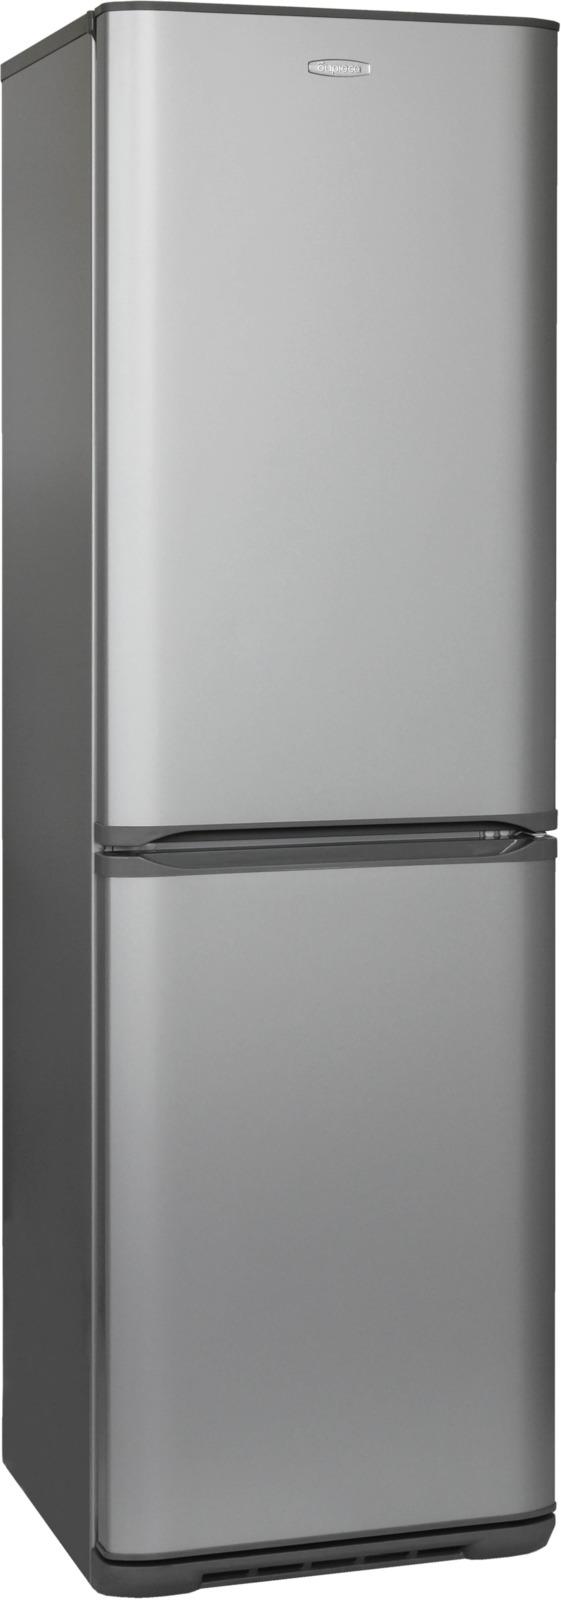 Холодильник Бирюса Б-M340NF, серый металлик холодильник бирюса б m340nf серый металлик